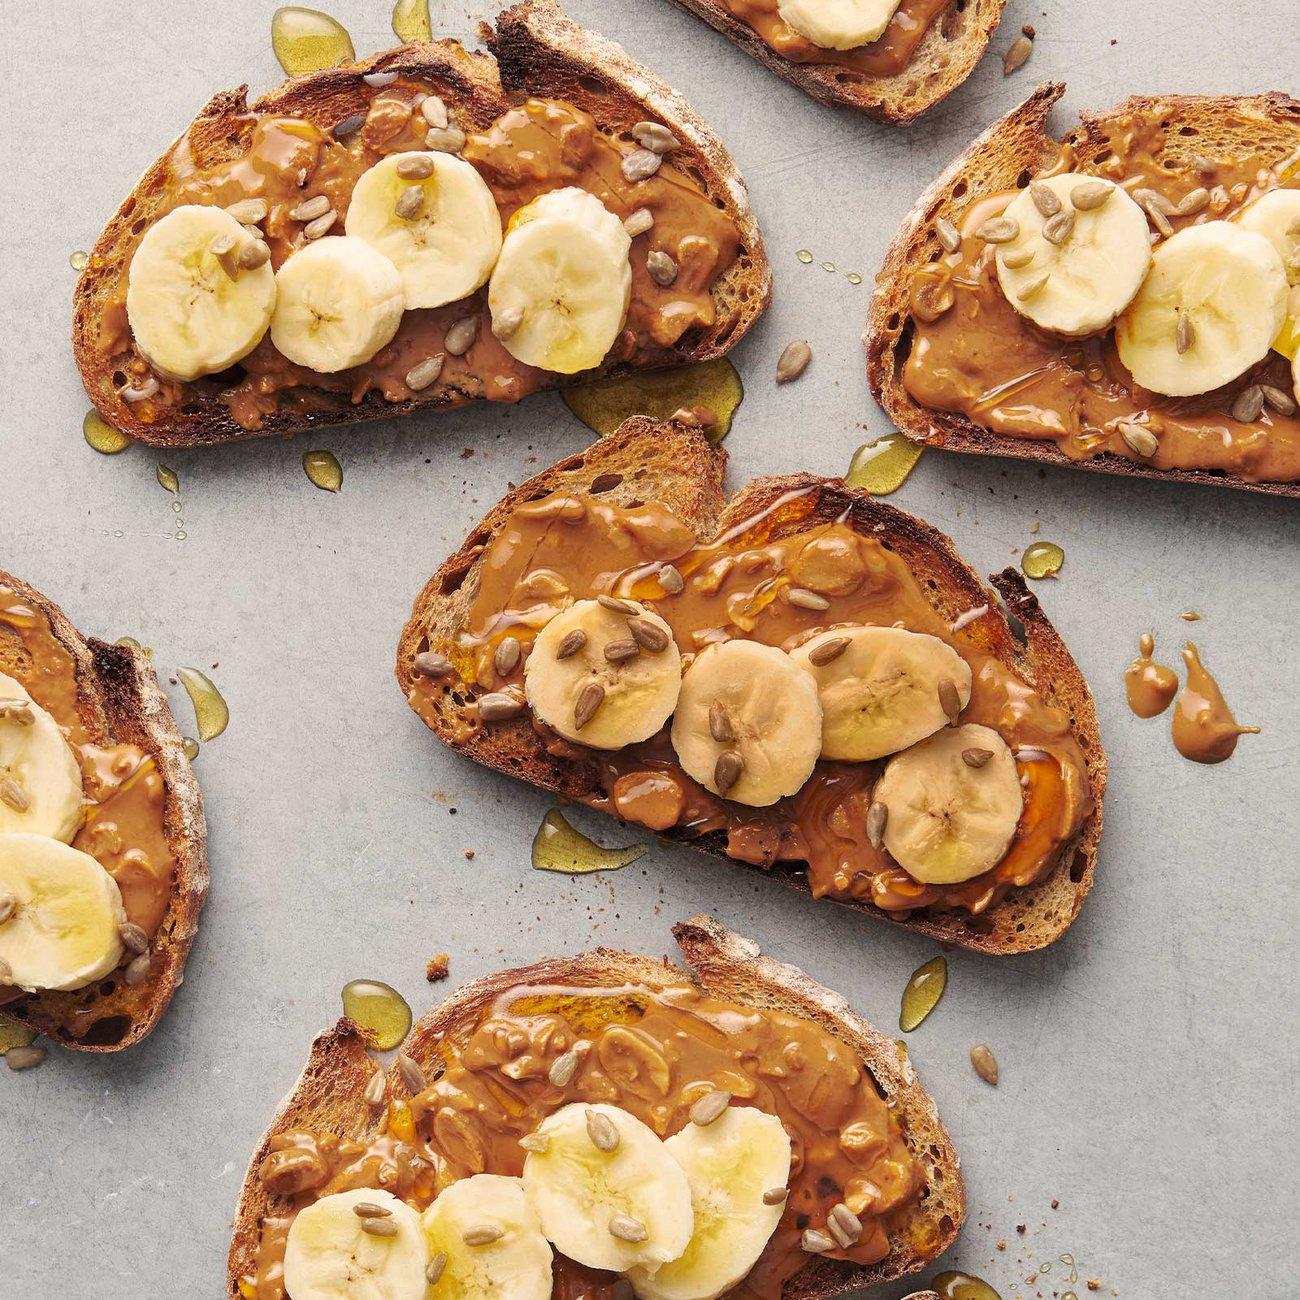 Almond Butter & Banana on Toast